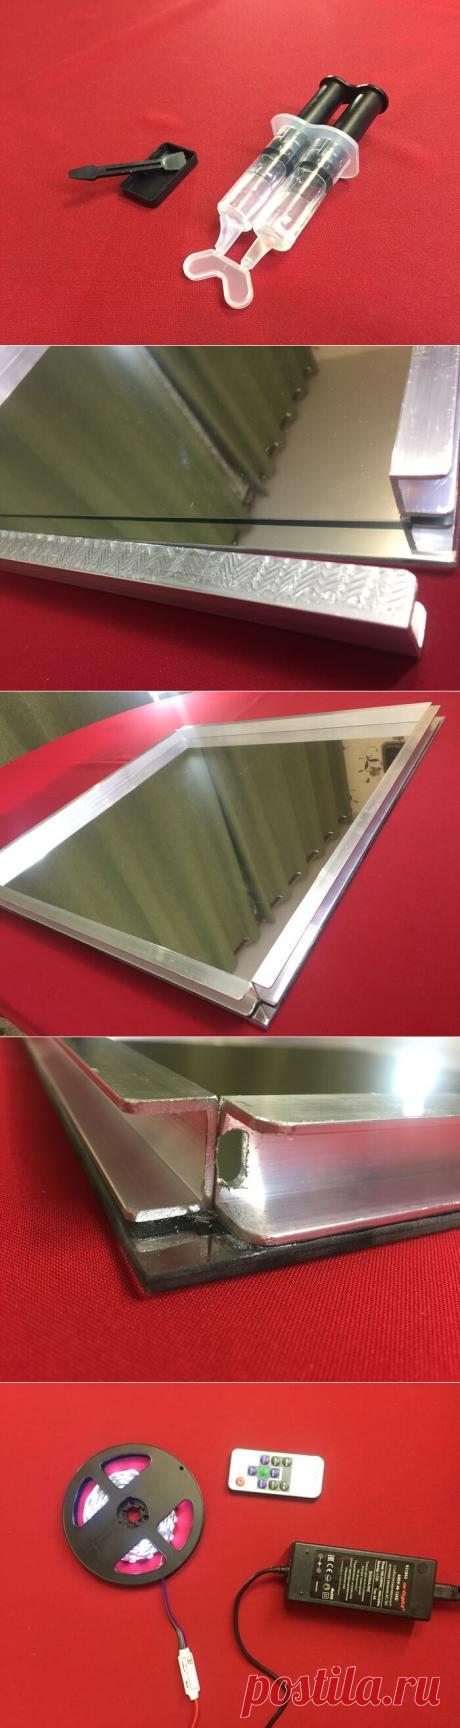 Делаем зеркало с эффектом бесконечности 50Х50 см